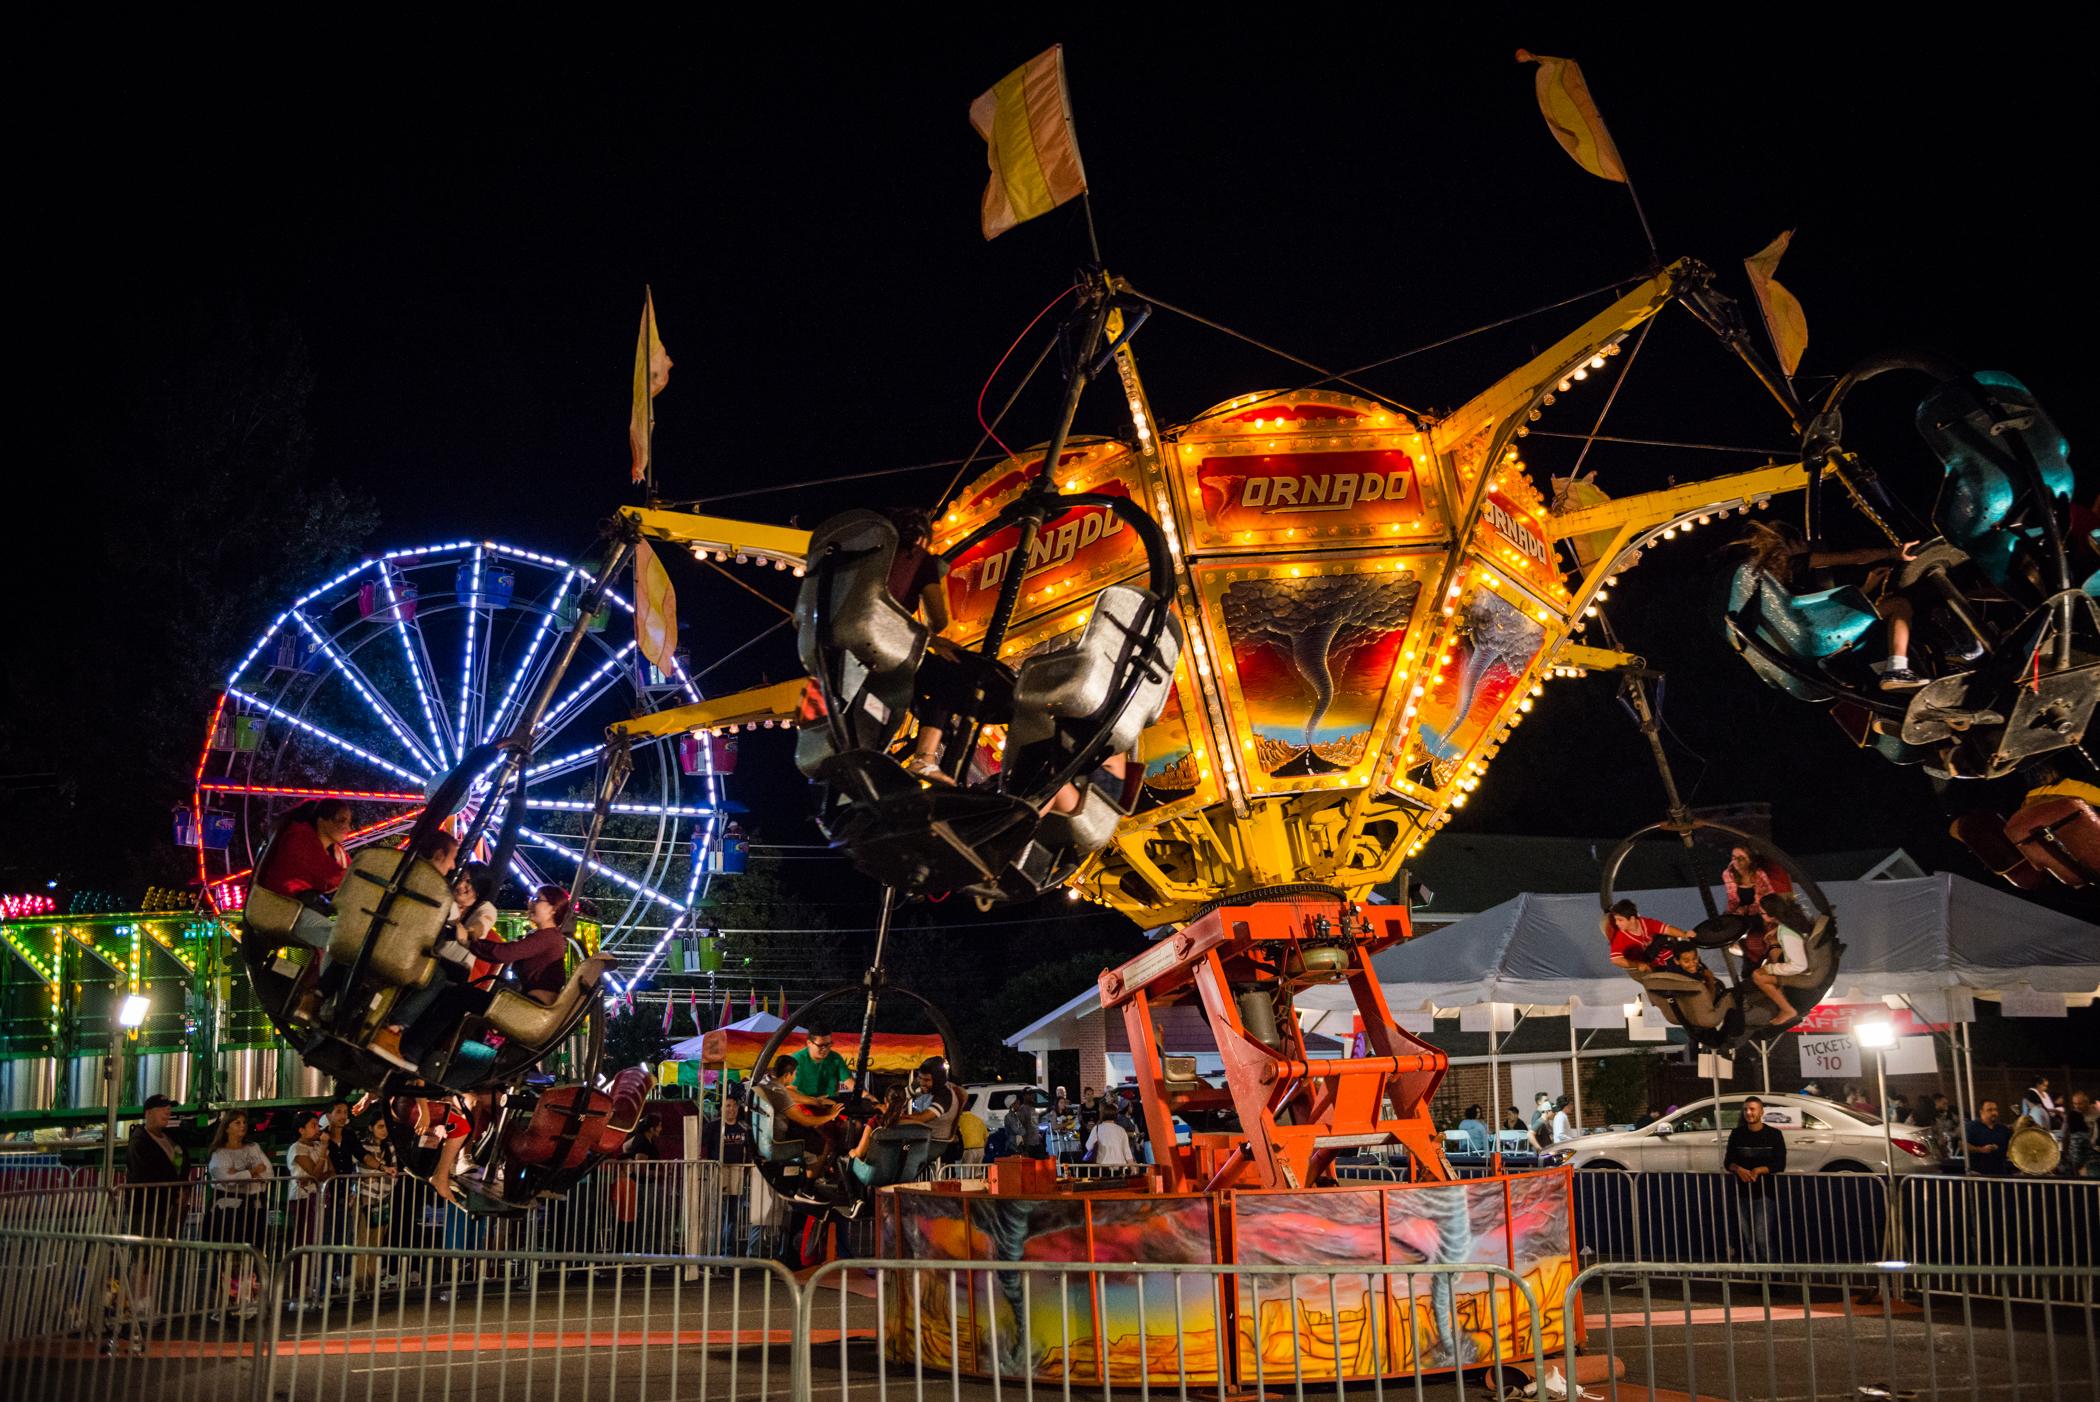 St-Leos-Fair-2016-36.jpg